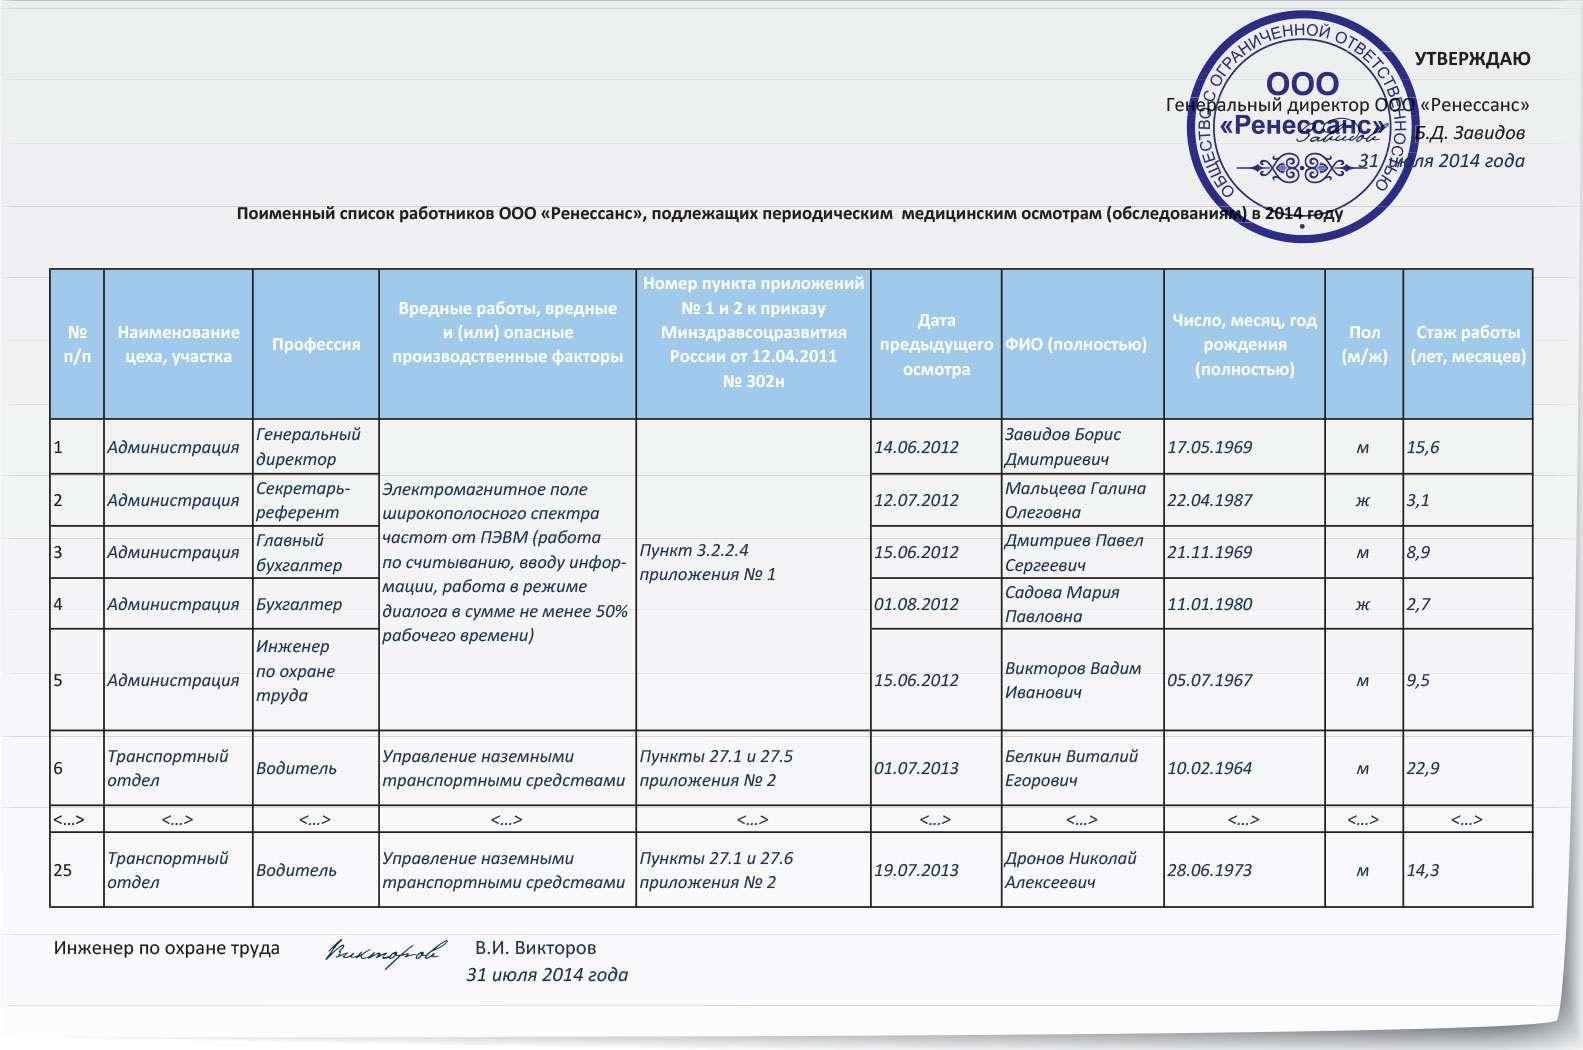 список работников организации образец